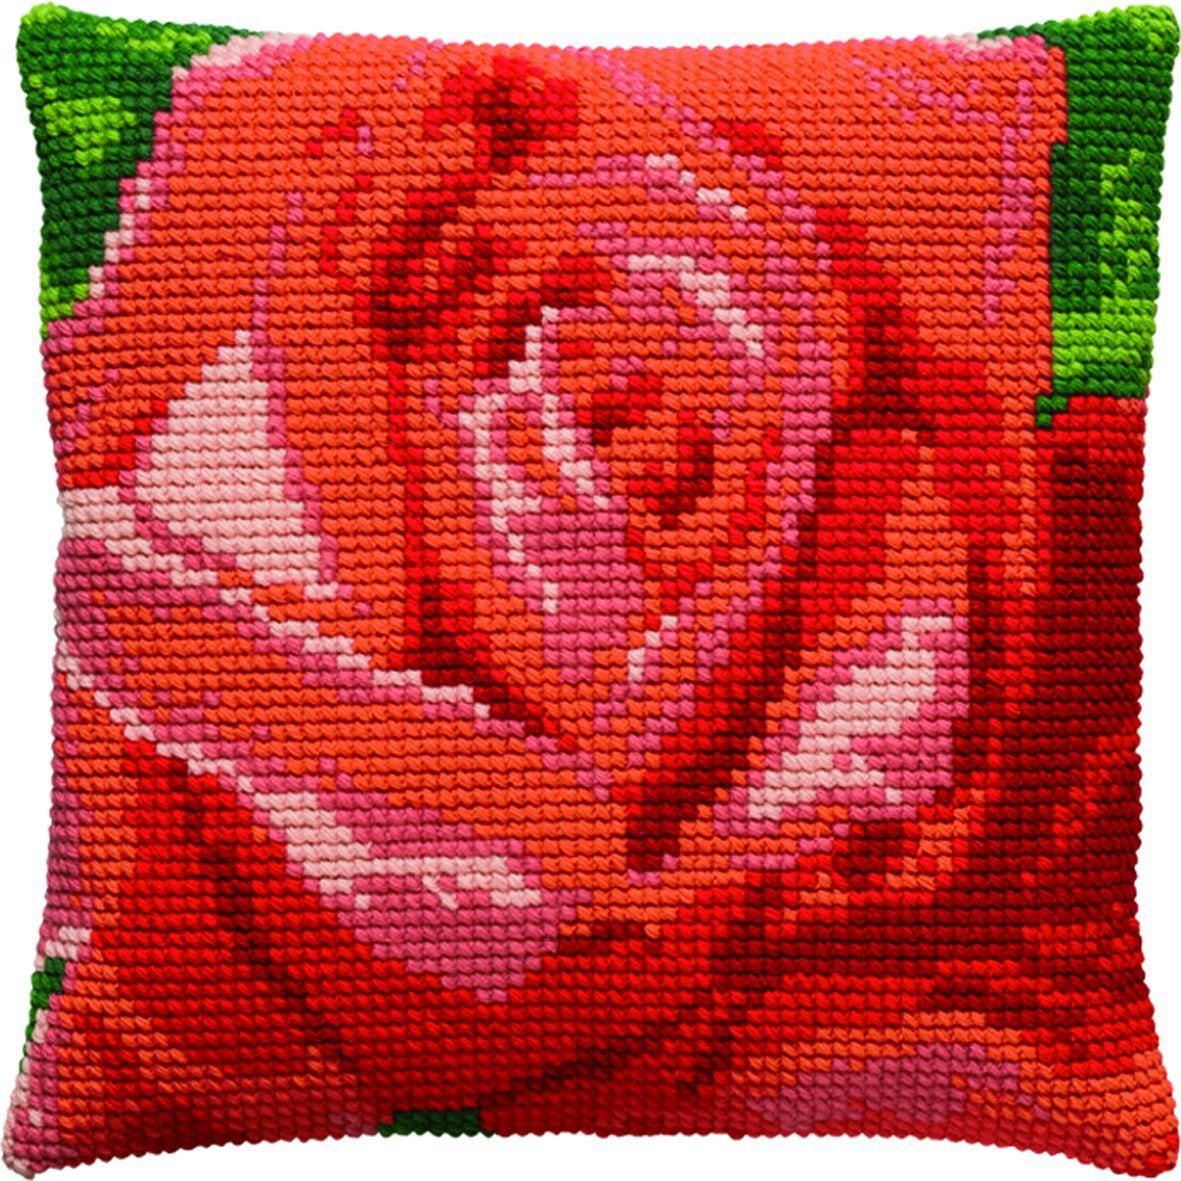 kussen prachtige rode roos borduurpakket